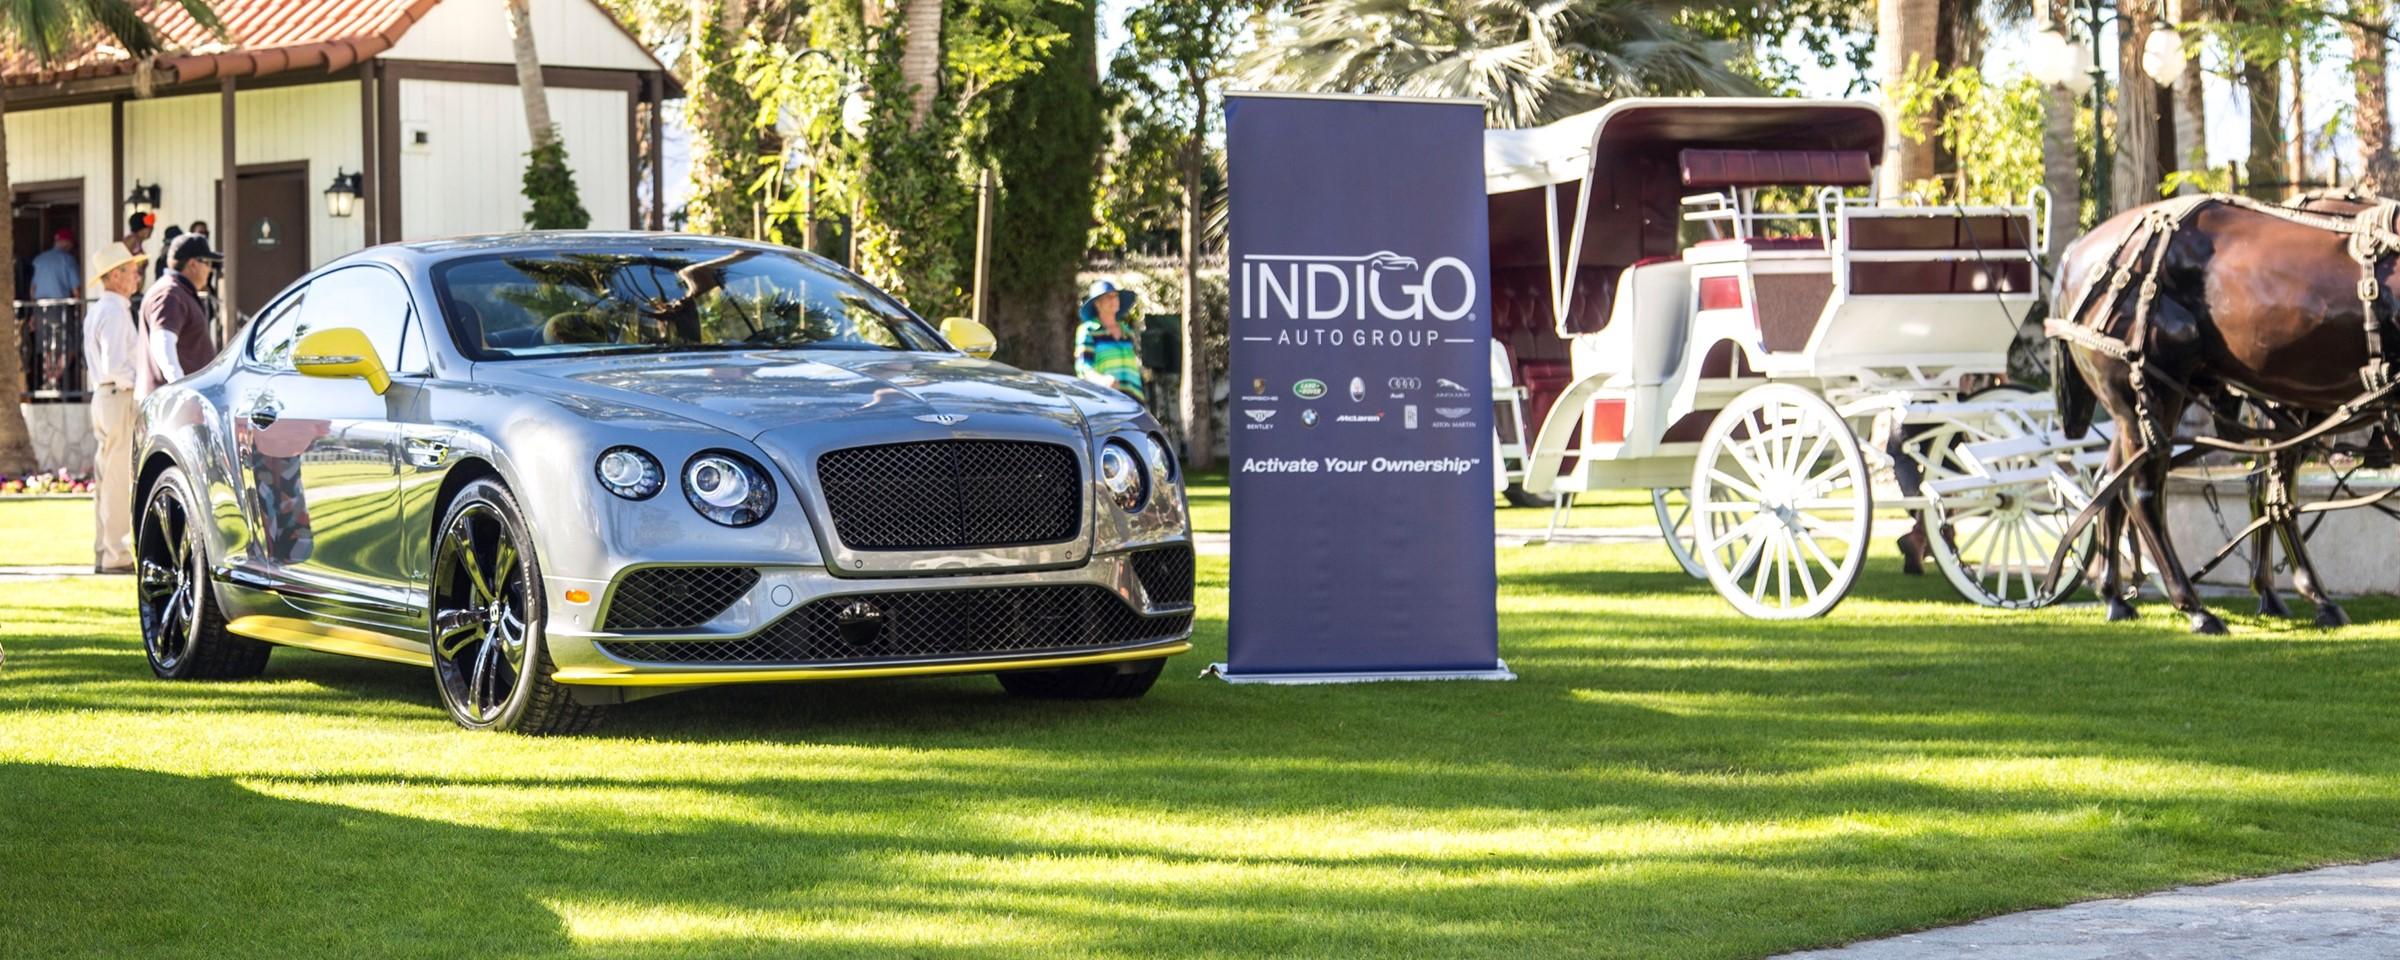 indiGO Empire Polo